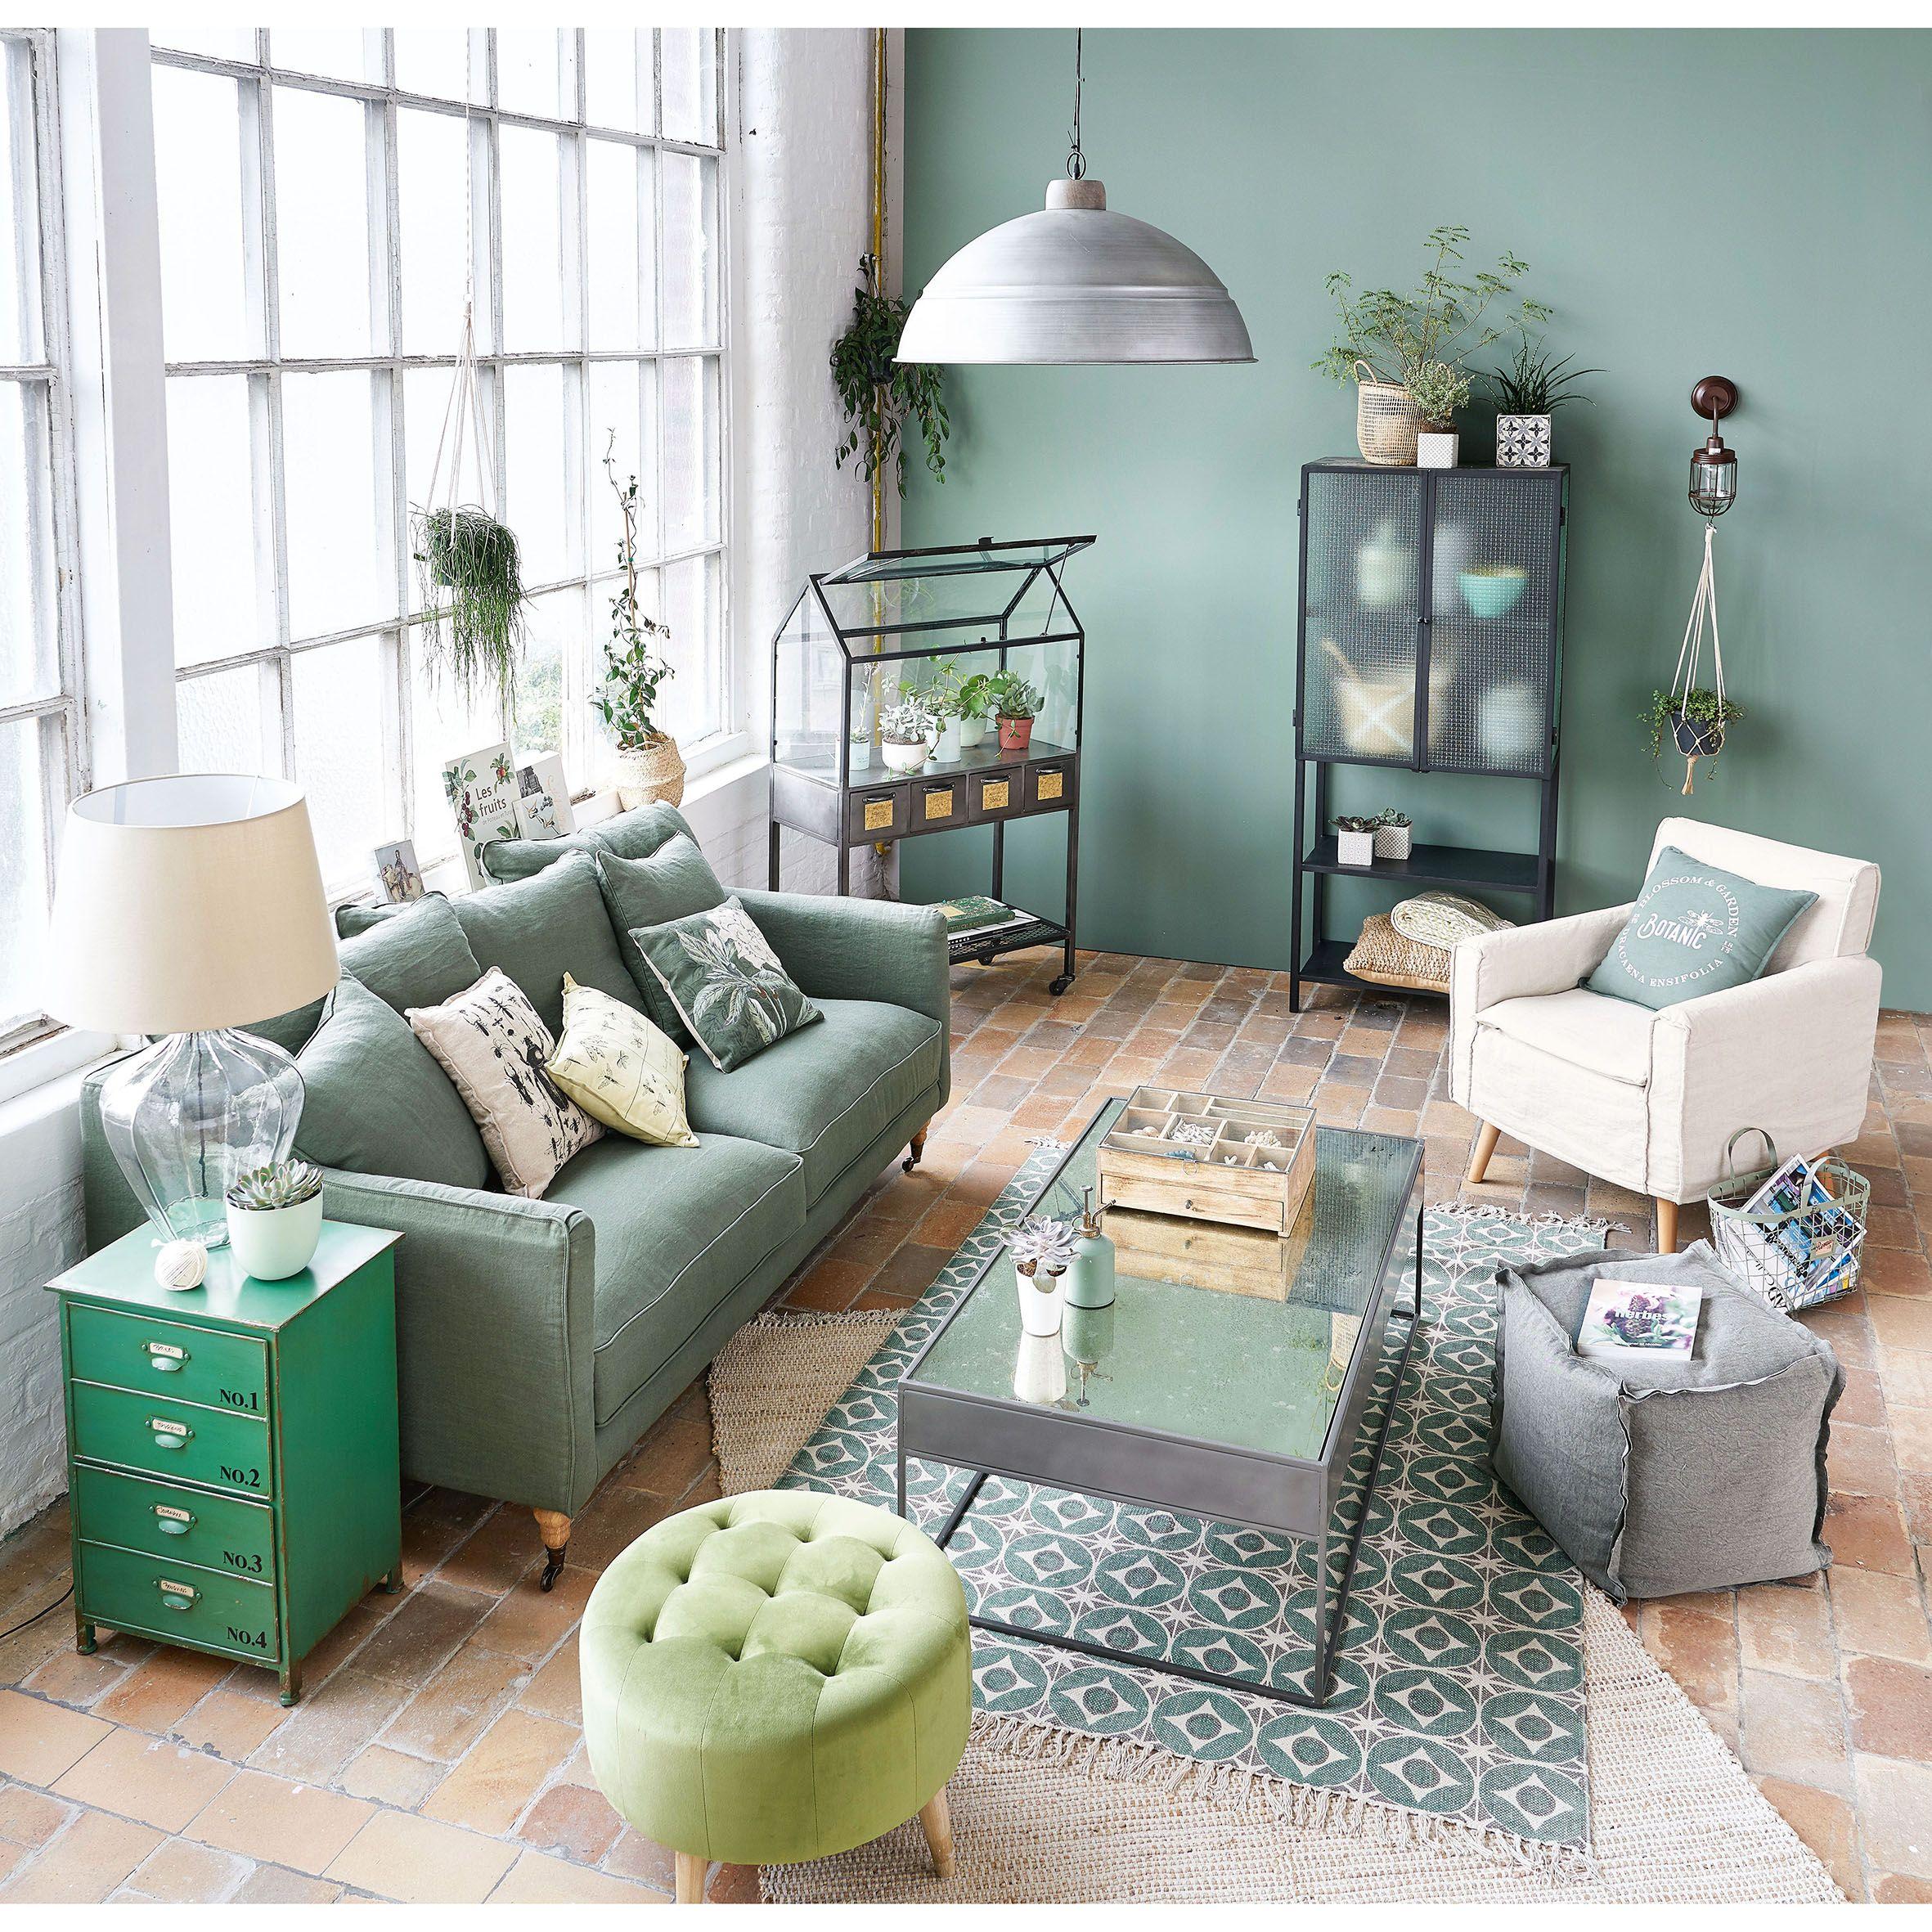 Salon Camaieu De Vert Mur Vert De Gris Mint Pouf Et Serre Vegetal